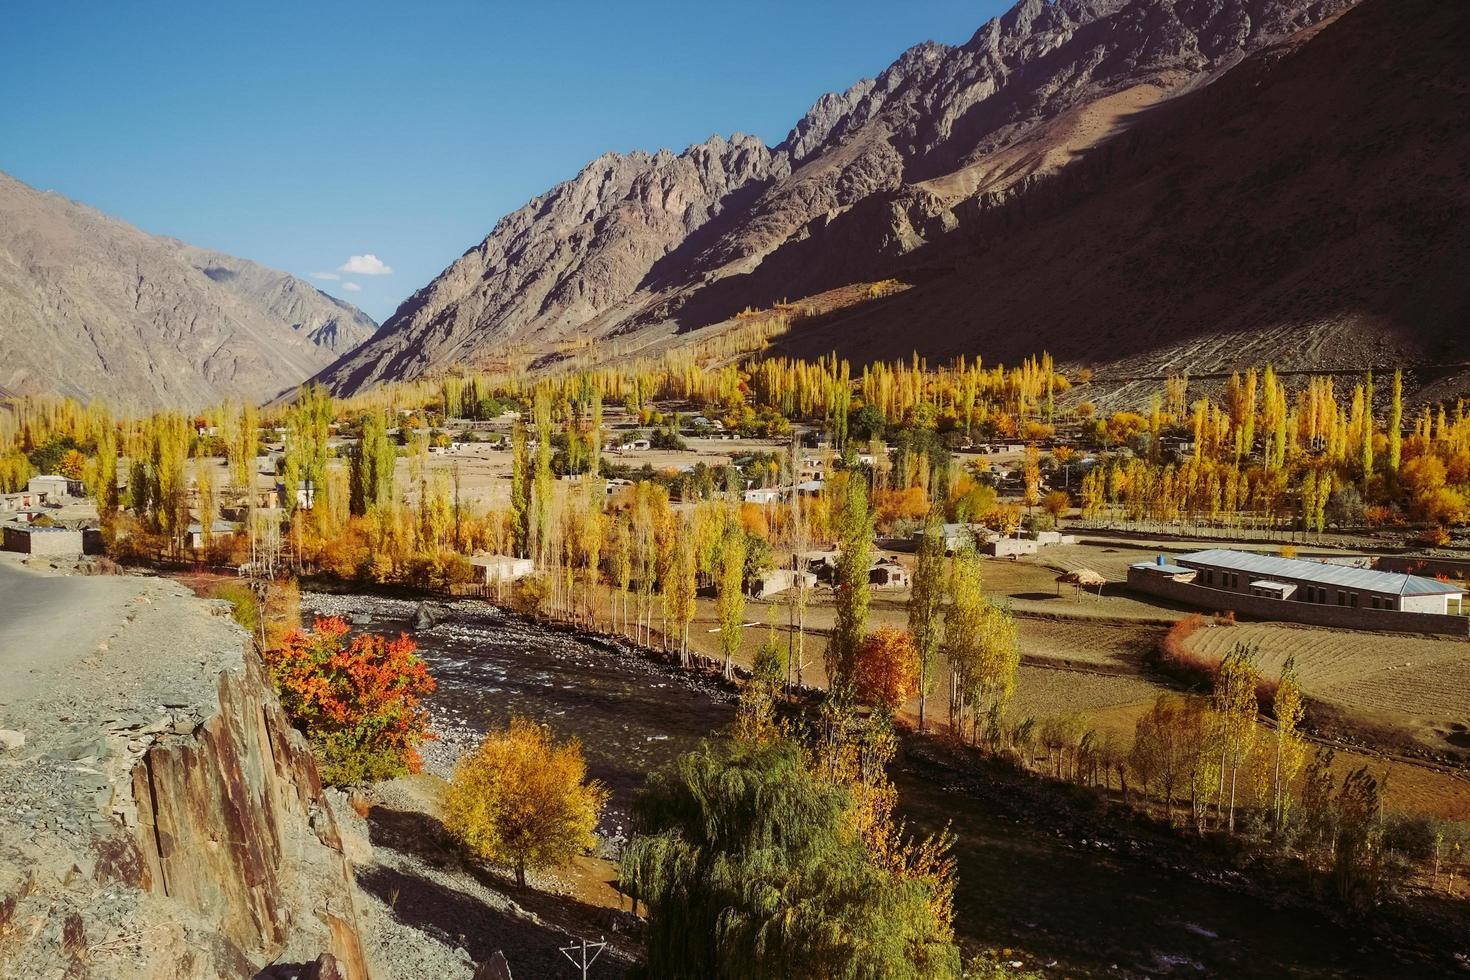 Herbstlandschaftsansicht im Gupis-Tal, Pakistan foto